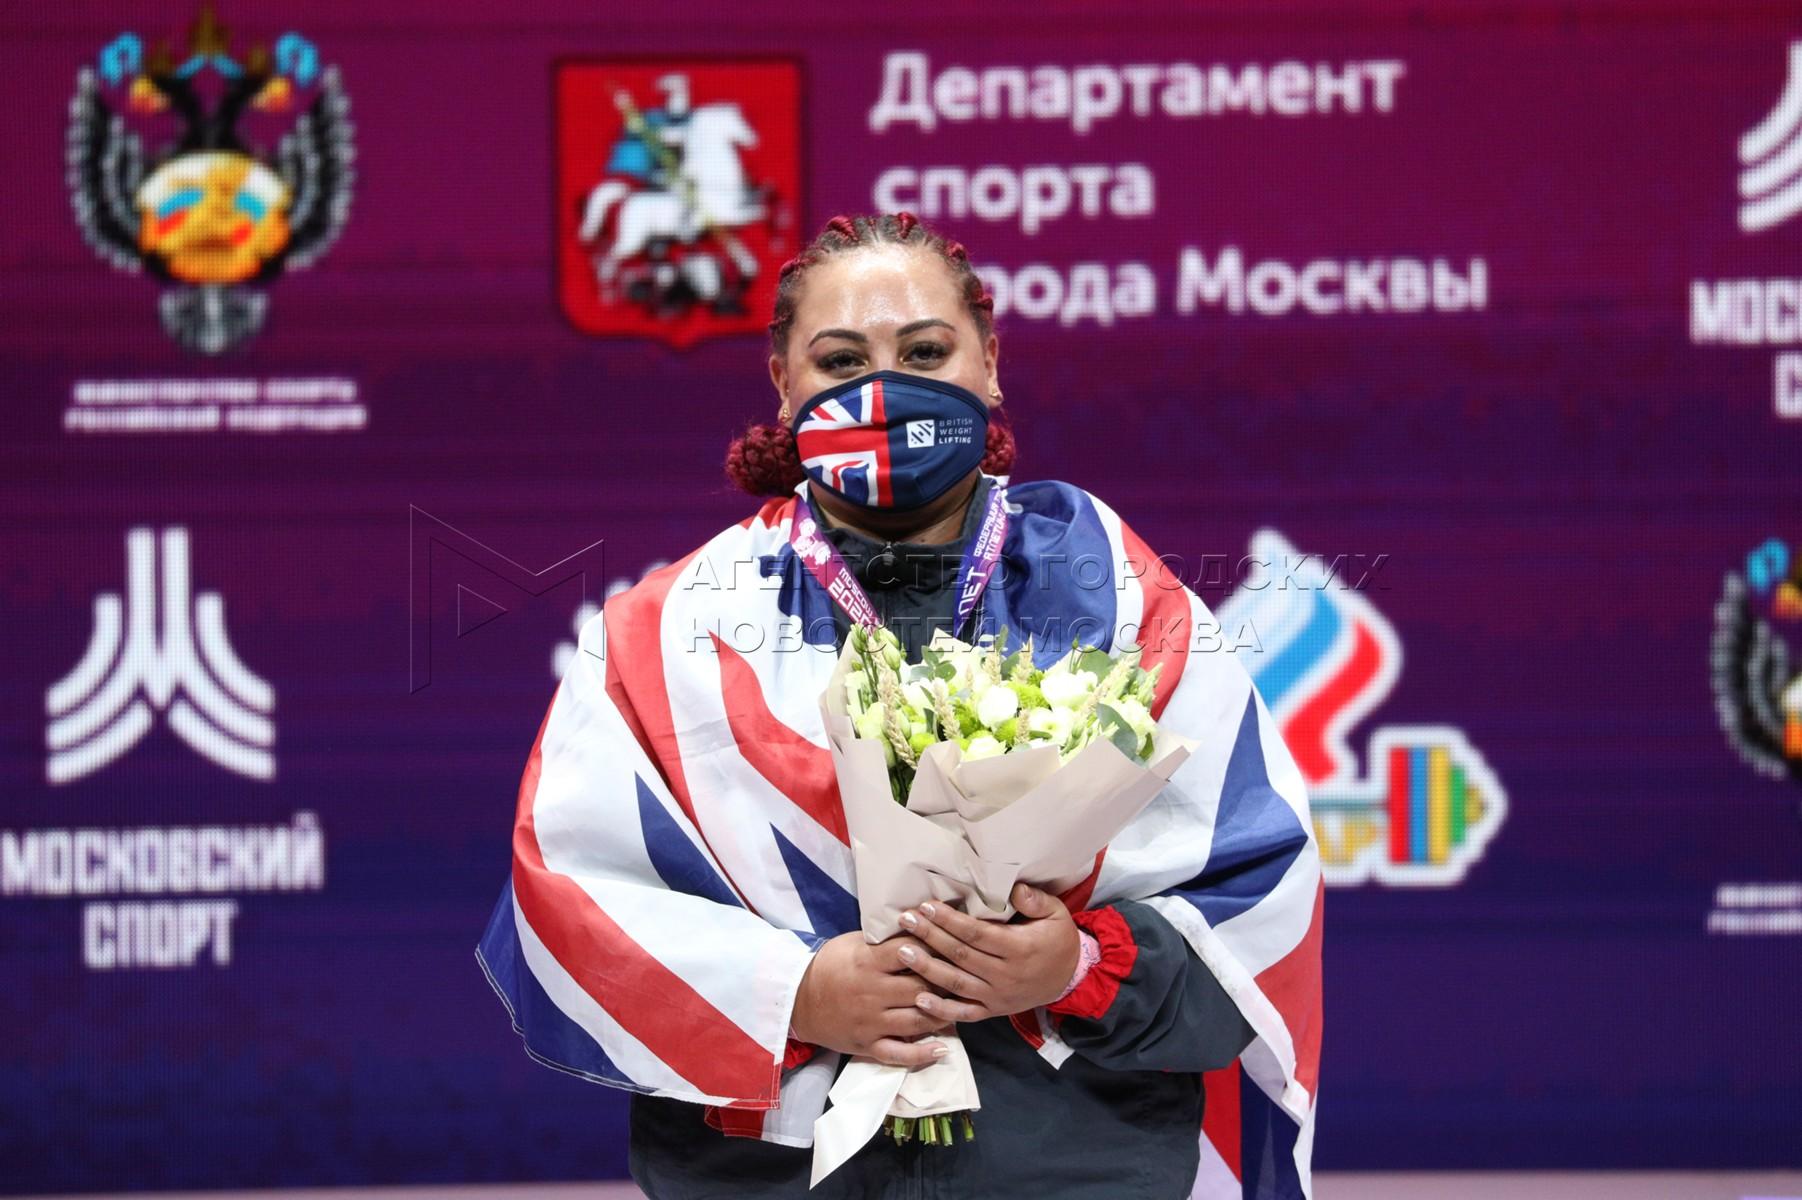 Спортсменка Эмили Кэмпбелл (Великобритания) во время церемонии награждения победителей в соревнованиях среди женщин в весовой категории свыше 87 кг на чемпионате Европы по тяжелой атлетике во Дворце гимнастики Ирины Винер-Усмановой.